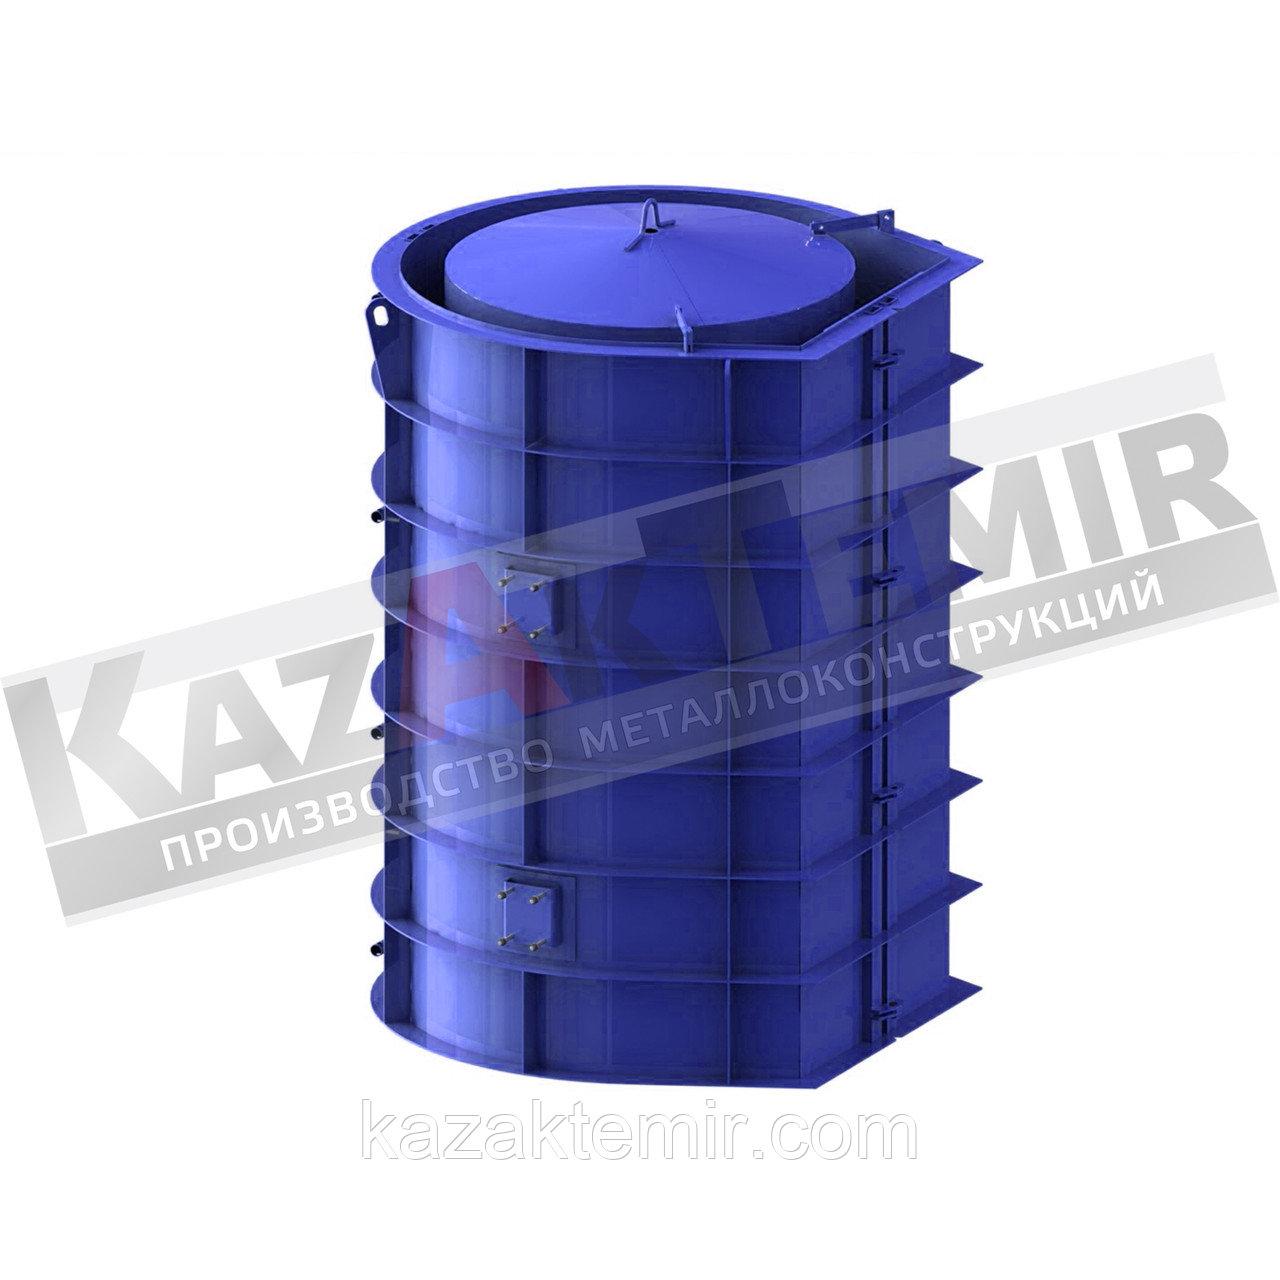 ЗКП 6.300 (металлоформа)